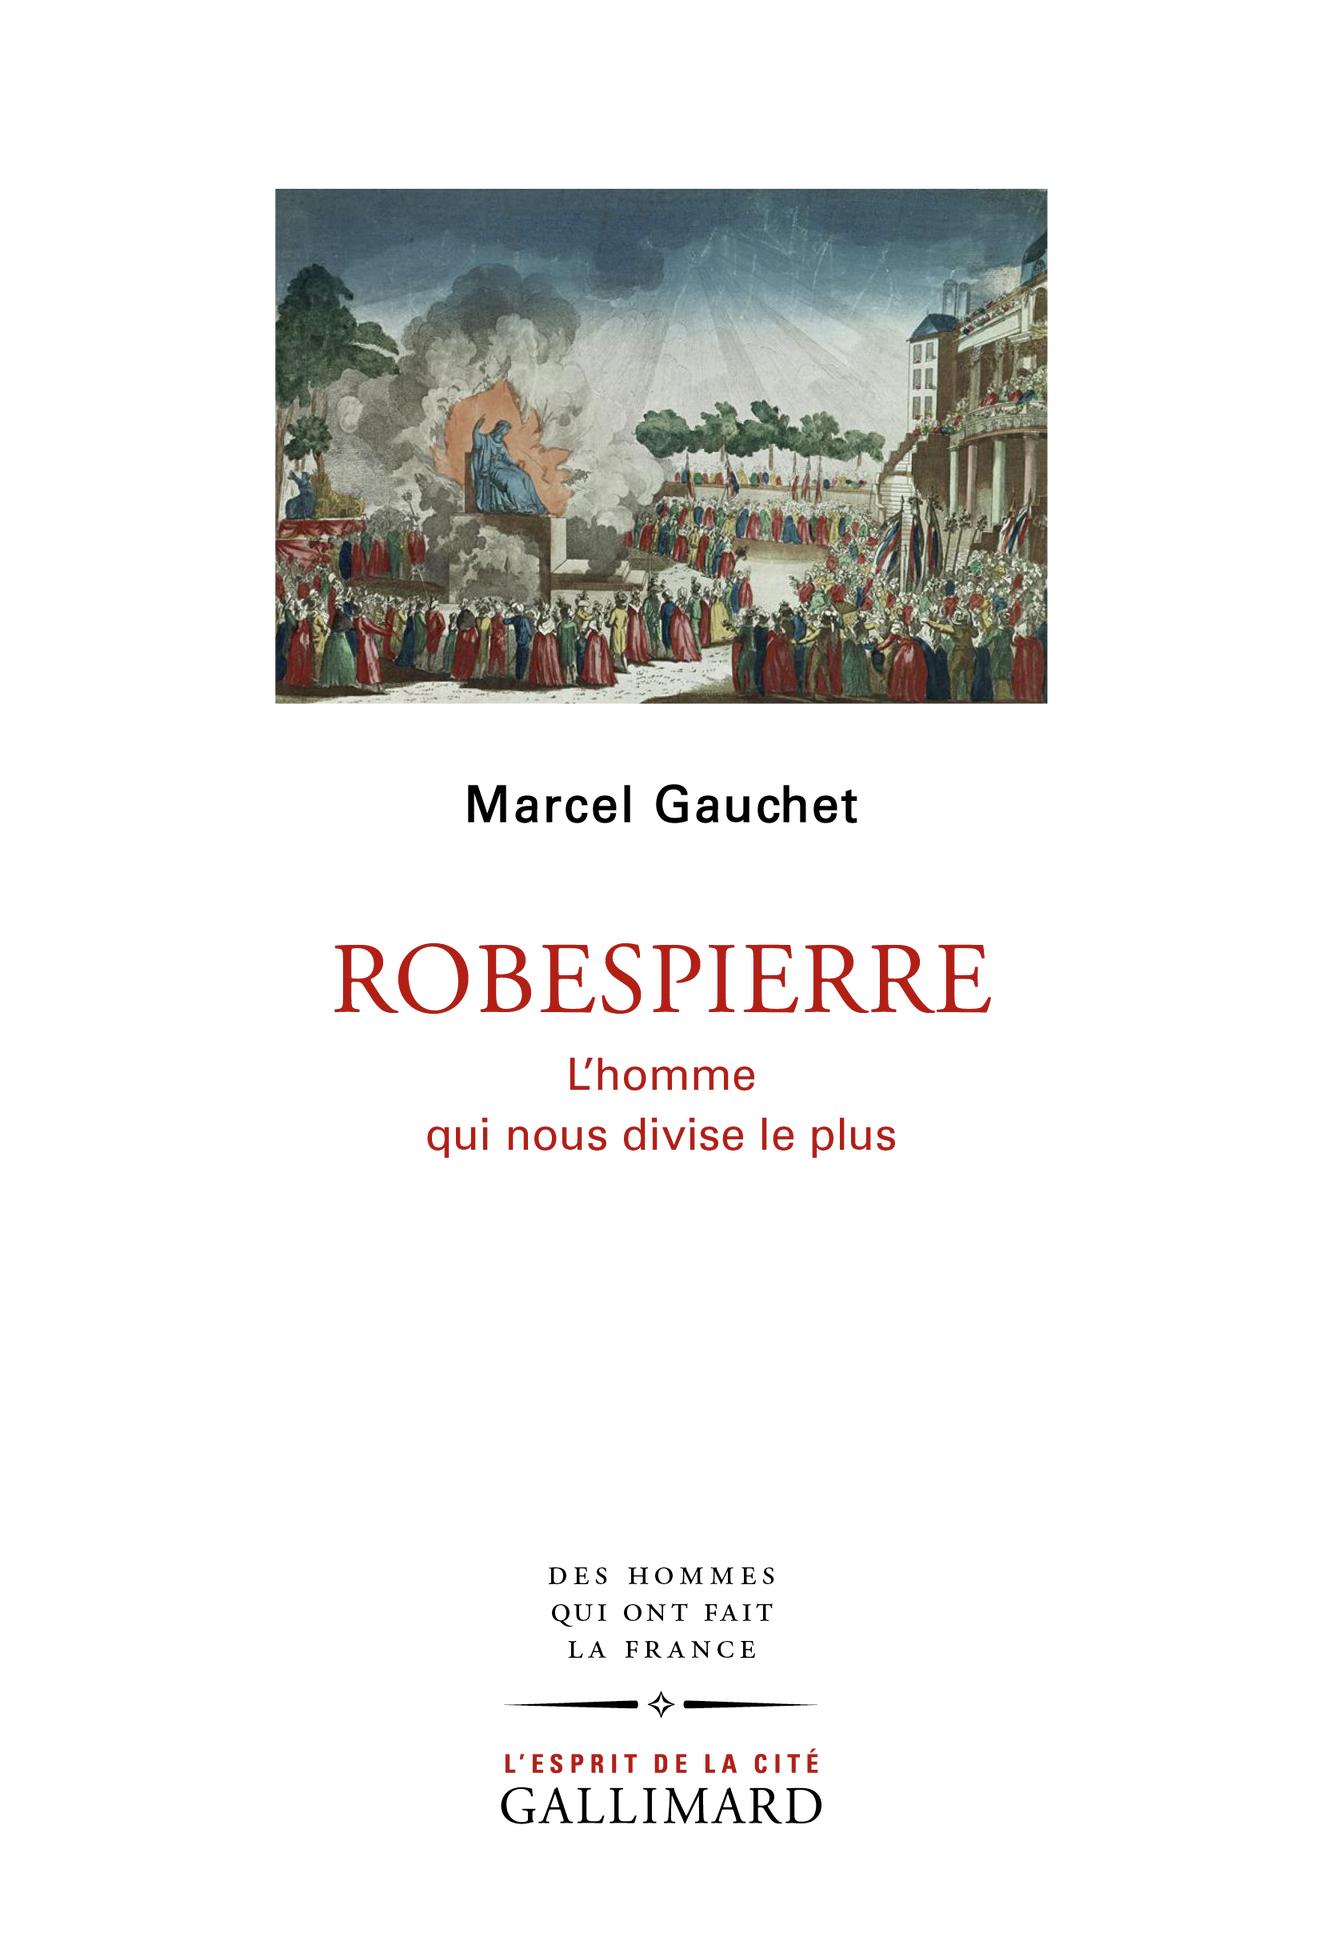 ROBESPIERRE - L'HOMME QUI NOUS DIVISE LE PLUS